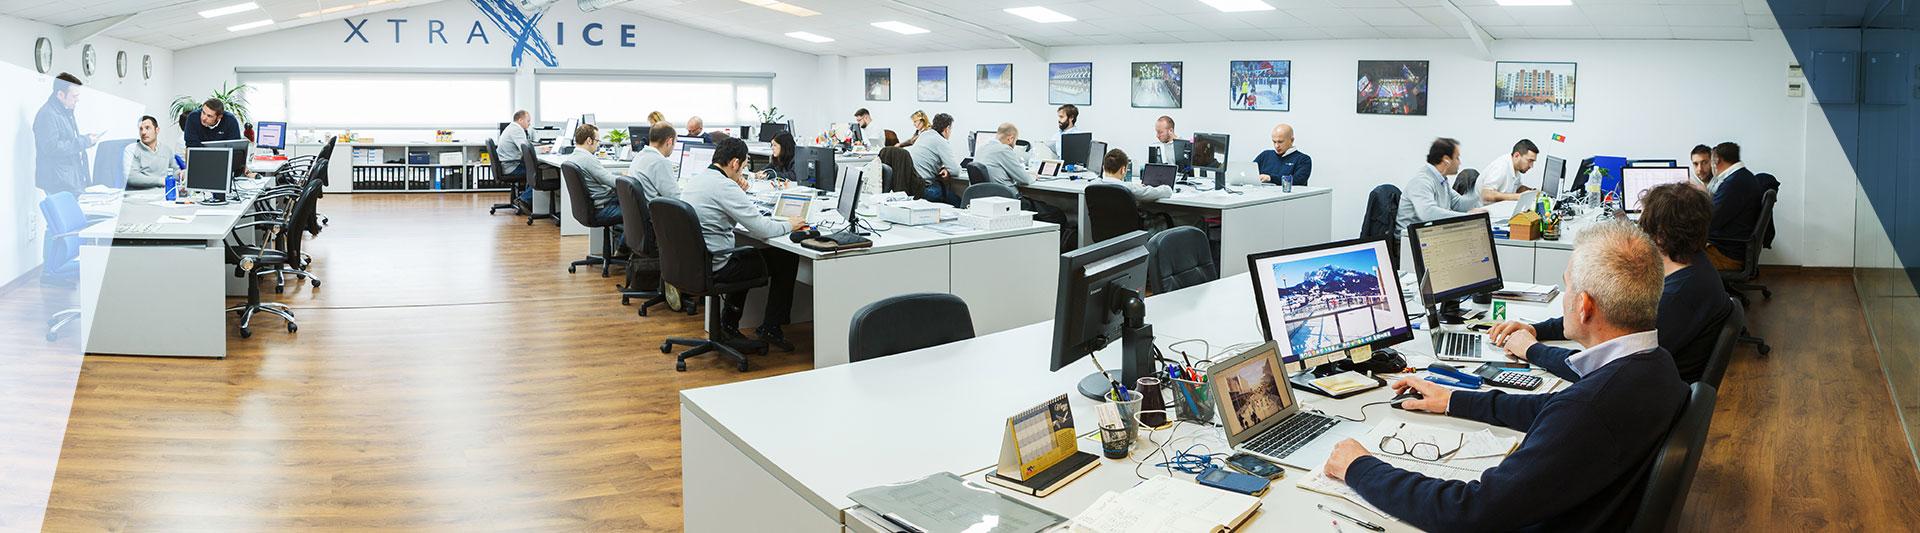 A oficina da Xtraice acolhe mais de 20 mais de 20 nacionalidades